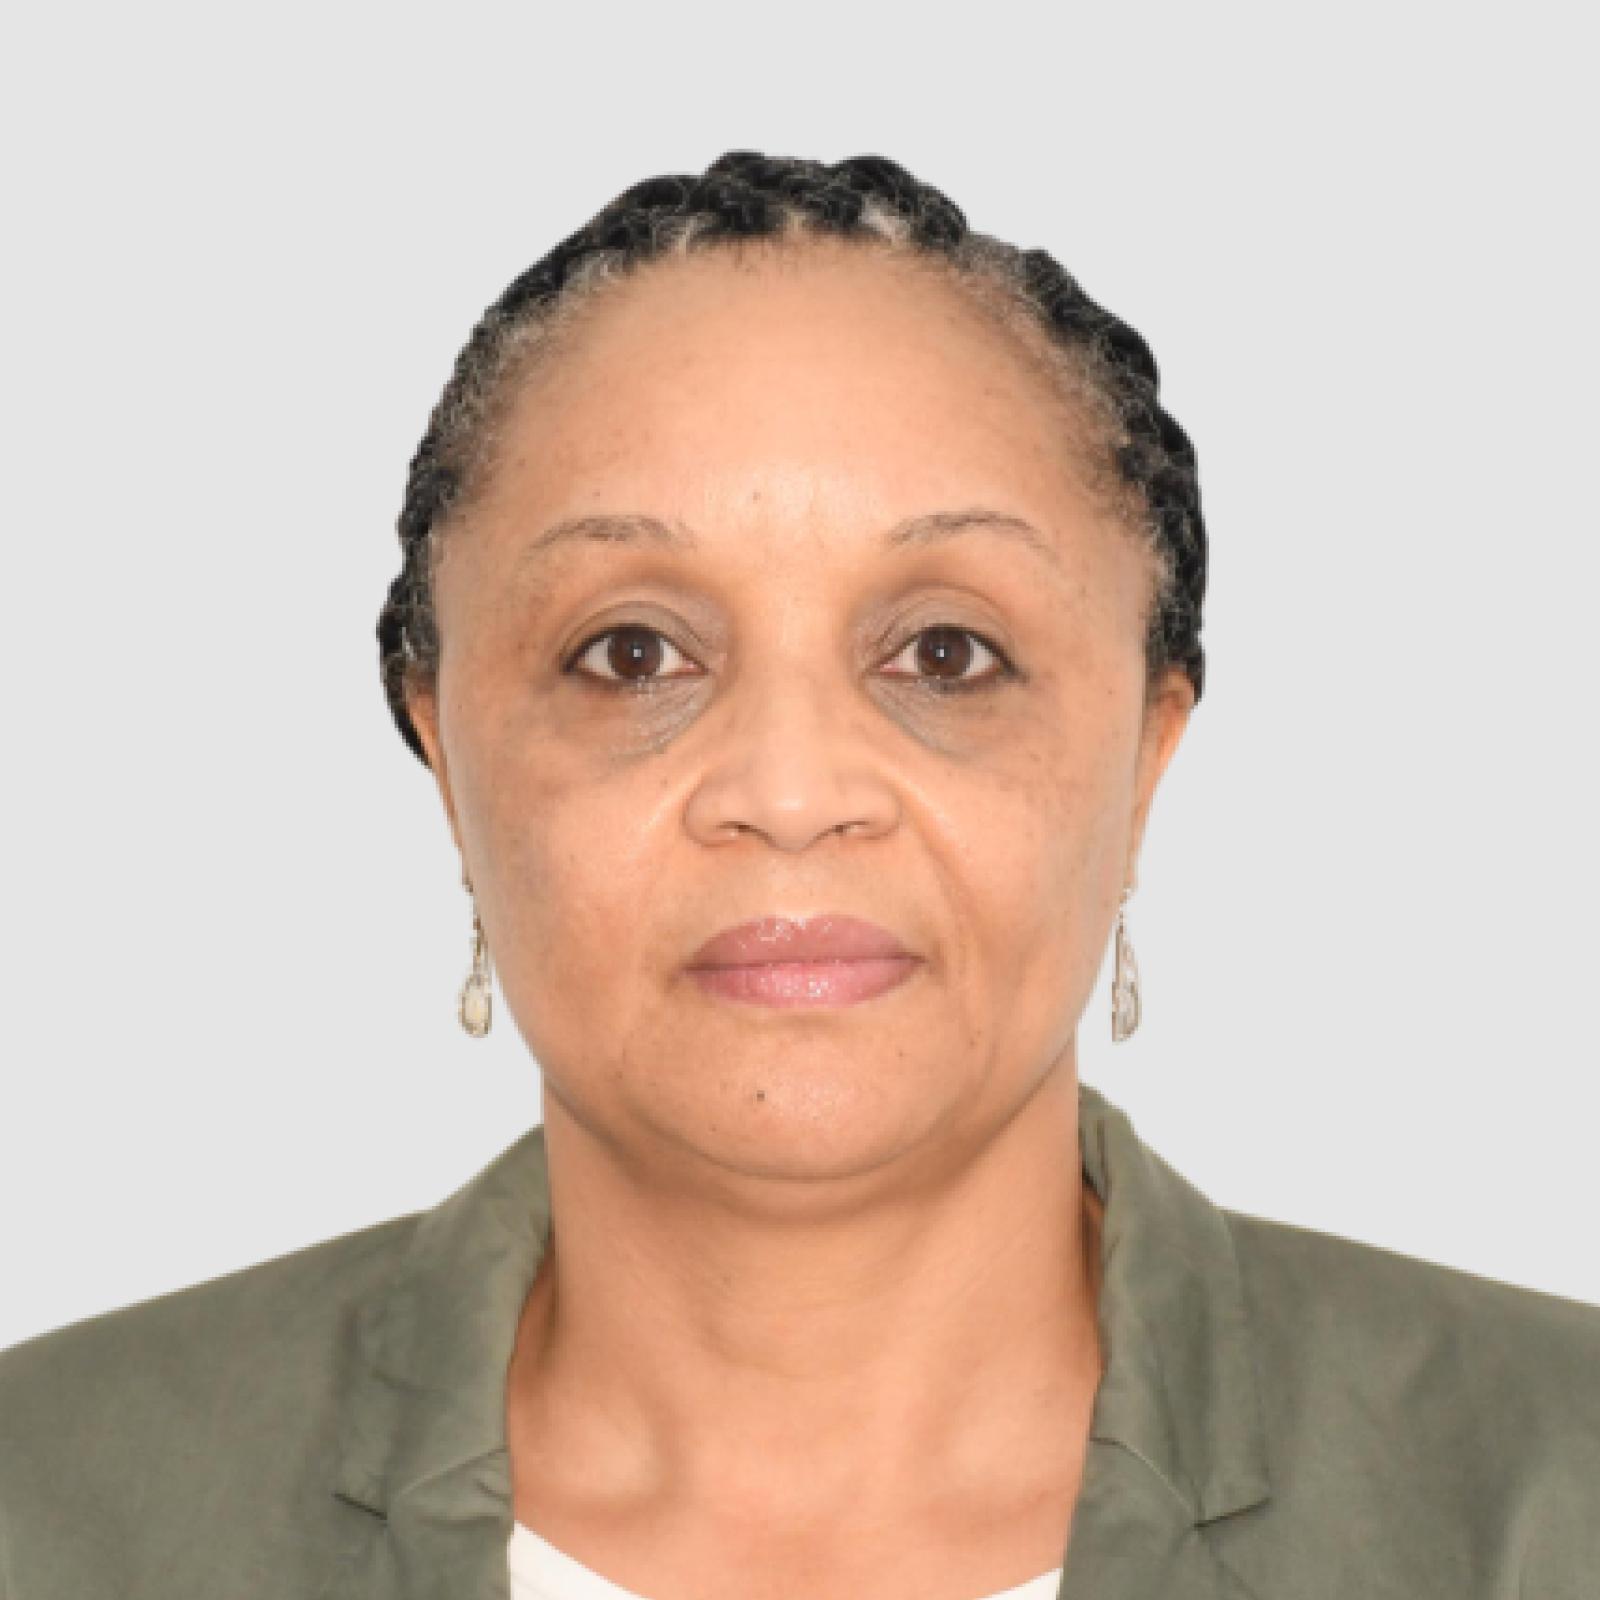 https://devafrique.com/wp-content/uploads/2021/07/Micheline-Bambi-Consultant-Central-Africa-DR-Congo-Cote-dIvoire-2.jpg